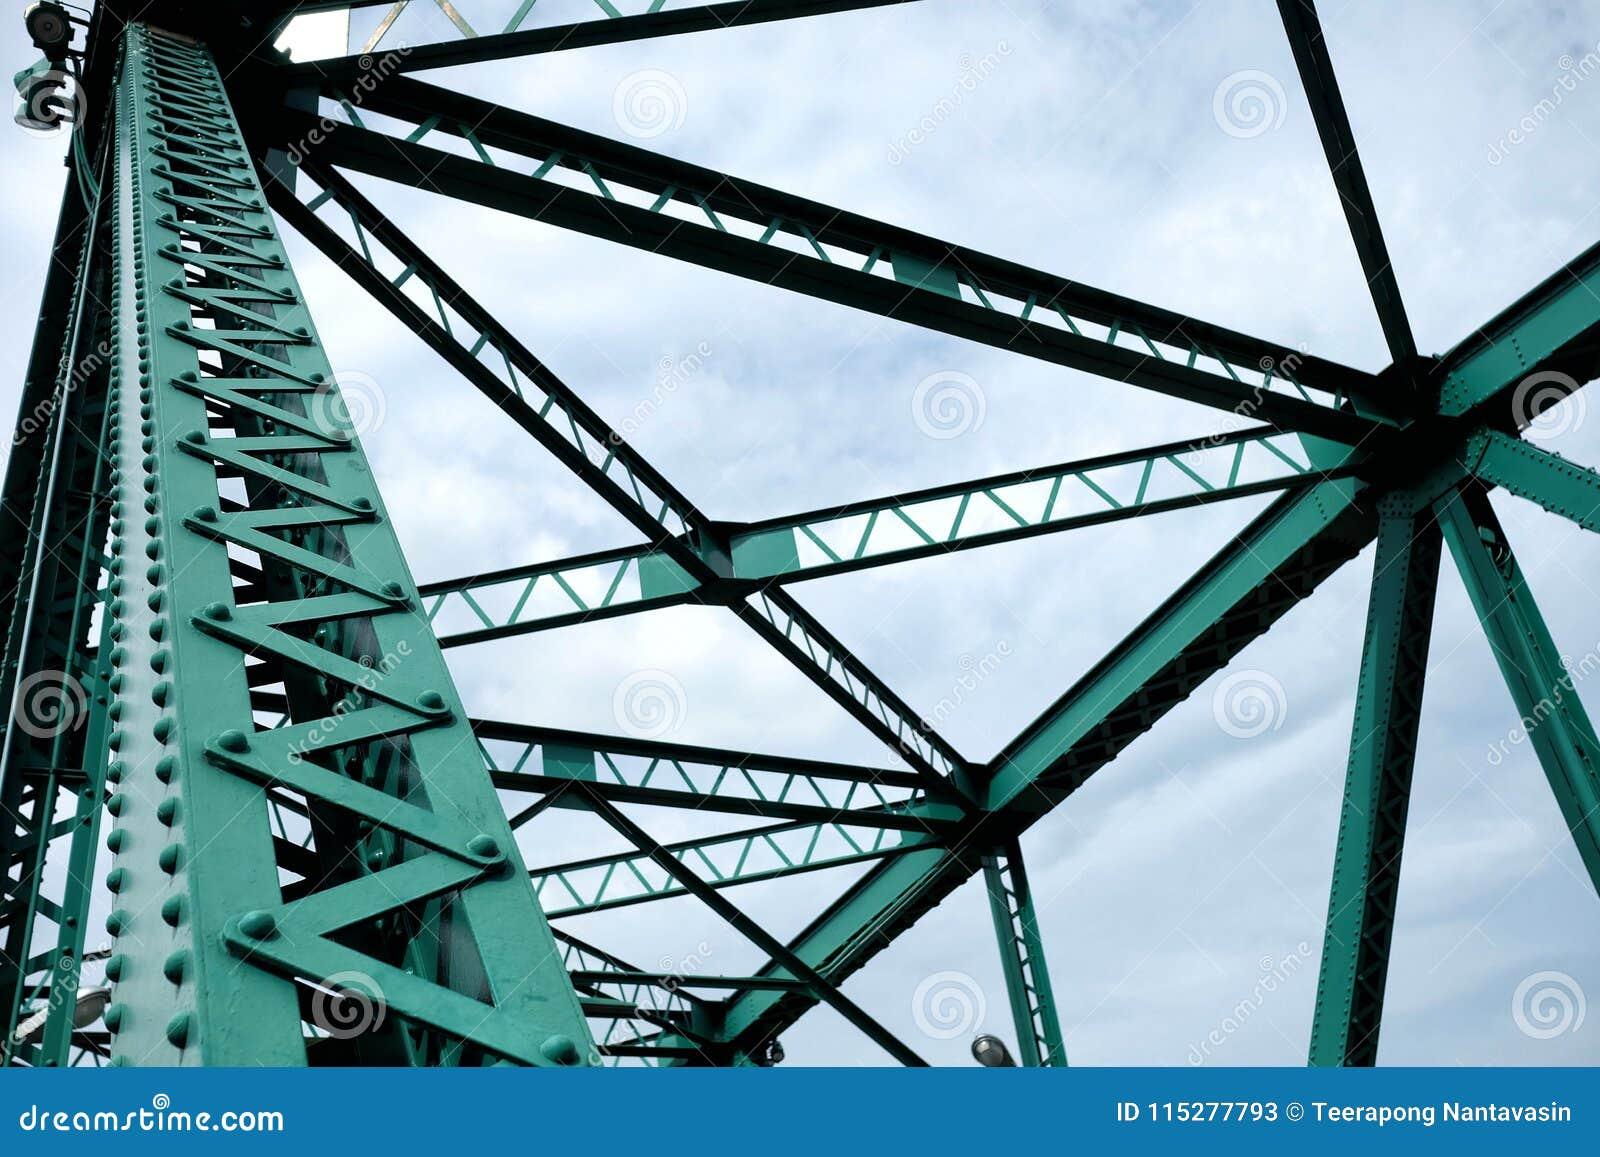 Закройте вверх по прогонам моста мемориального моста